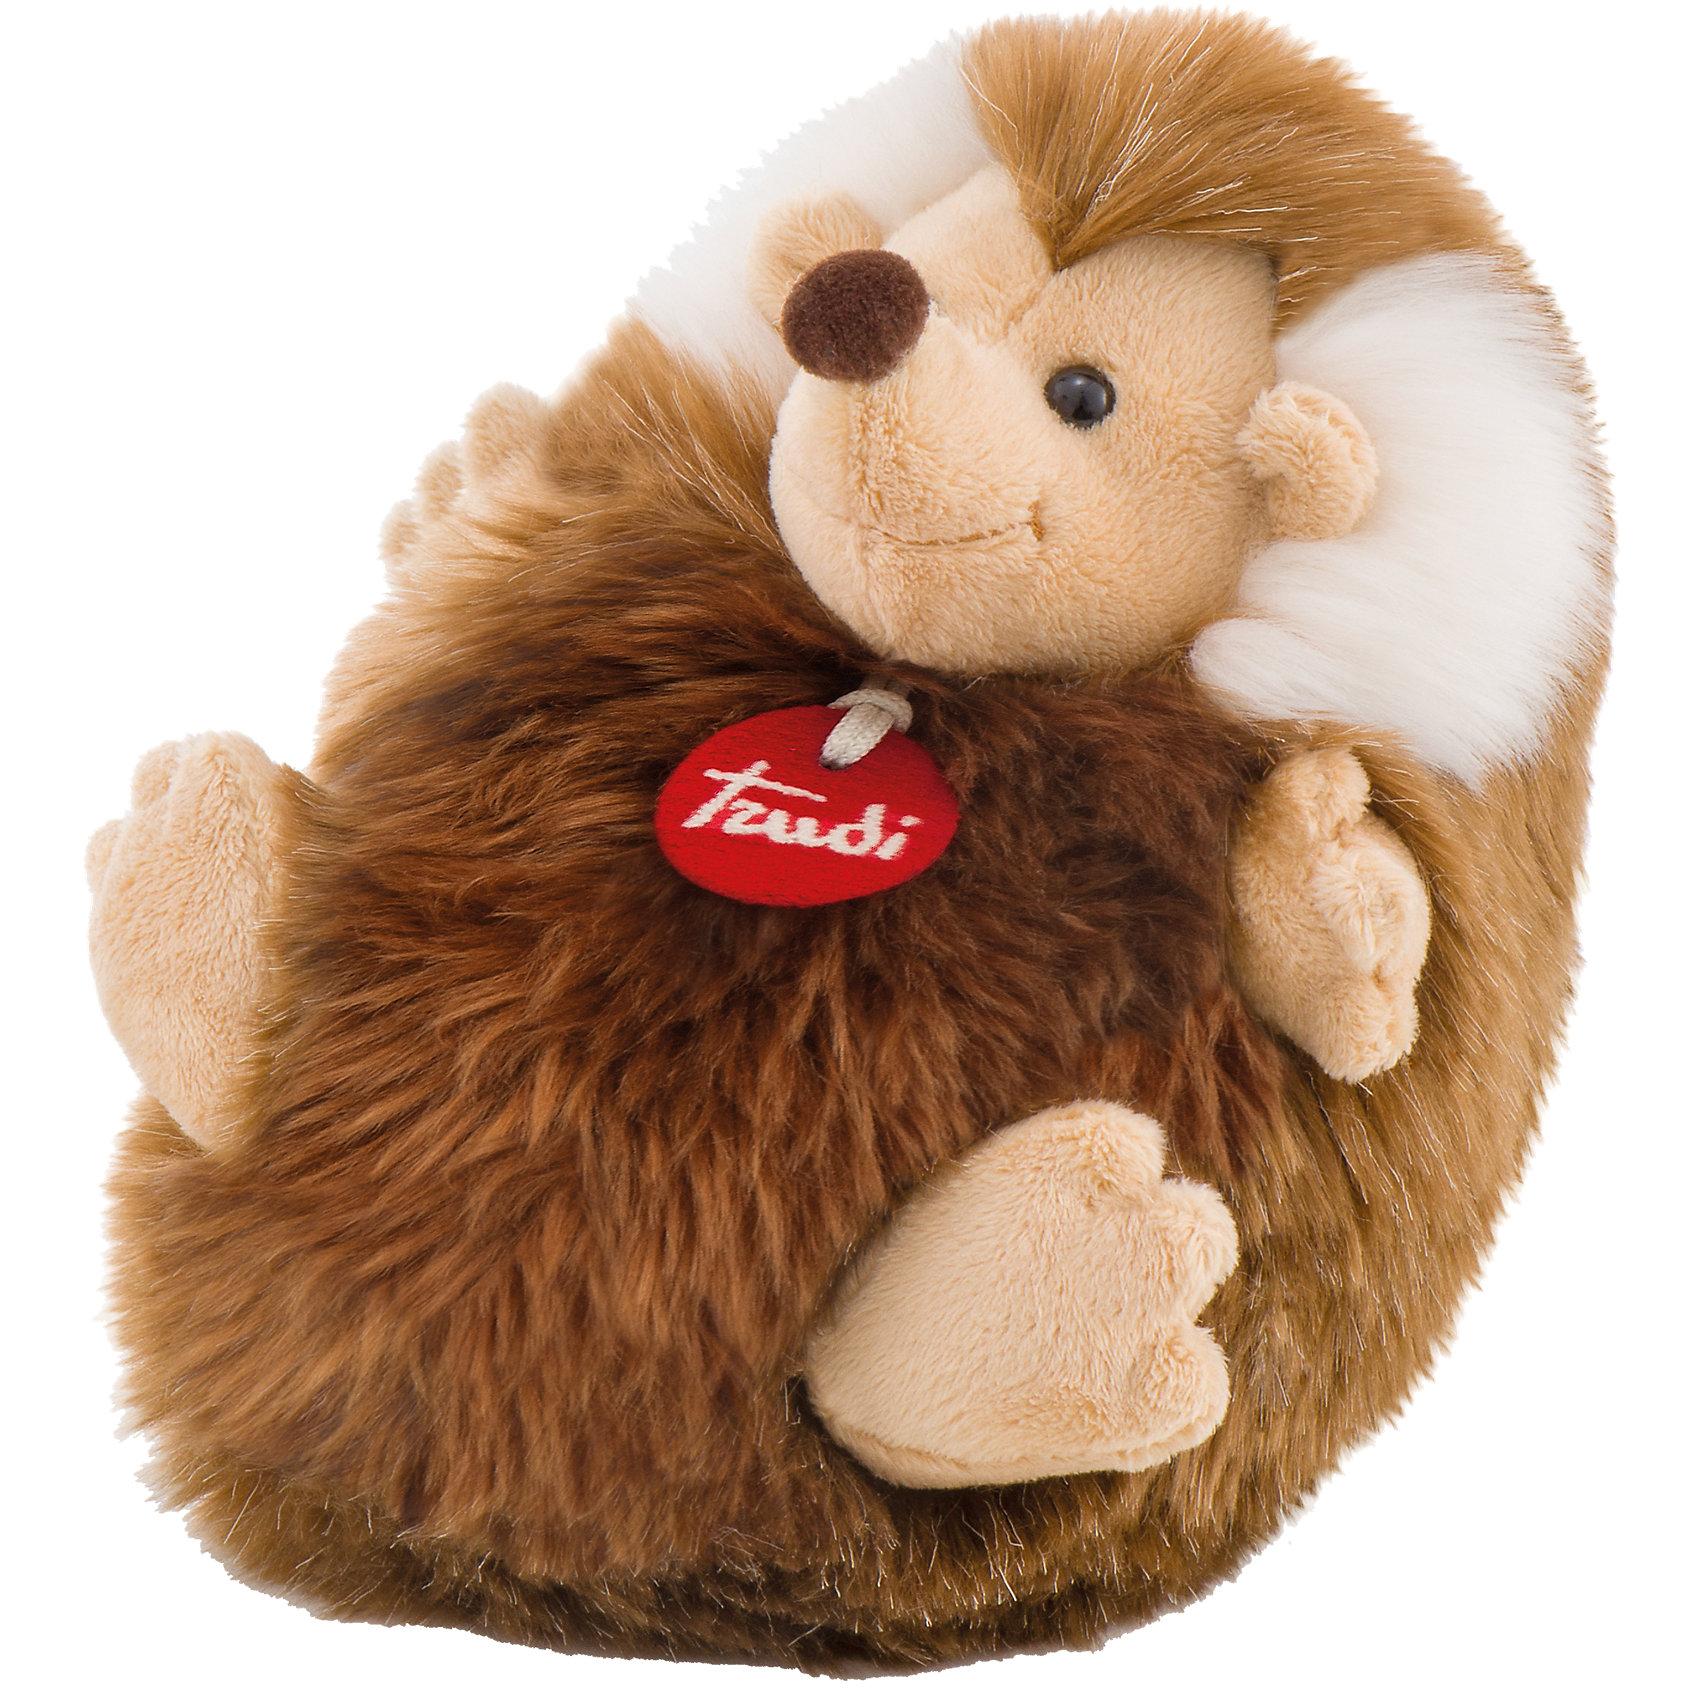 Ежик-пушистик, 24 см, TrudiМилый ежик-пушистик, Trudi станет прекрасным подарком малышу. Ежик совсем не колючий, он любит улыбаться и легко позволит погладить себя по спинке и животику. Игрушка выполнена из безопасных материалов и отлично подойдет для самых маленьких детей.<br><br>Дополнительная информация:<br>Материал: плюш<br>Размер: 24 см<br>Цвет: коричневый<br><br>Ежика-пушистика, Trudi вы можете приобрести в нашем интернет-магазине.<br><br>Ширина мм: 199<br>Глубина мм: 159<br>Высота мм: 132<br>Вес г: 173<br>Возраст от месяцев: 12<br>Возраст до месяцев: 60<br>Пол: Унисекс<br>Возраст: Детский<br>SKU: 4601412